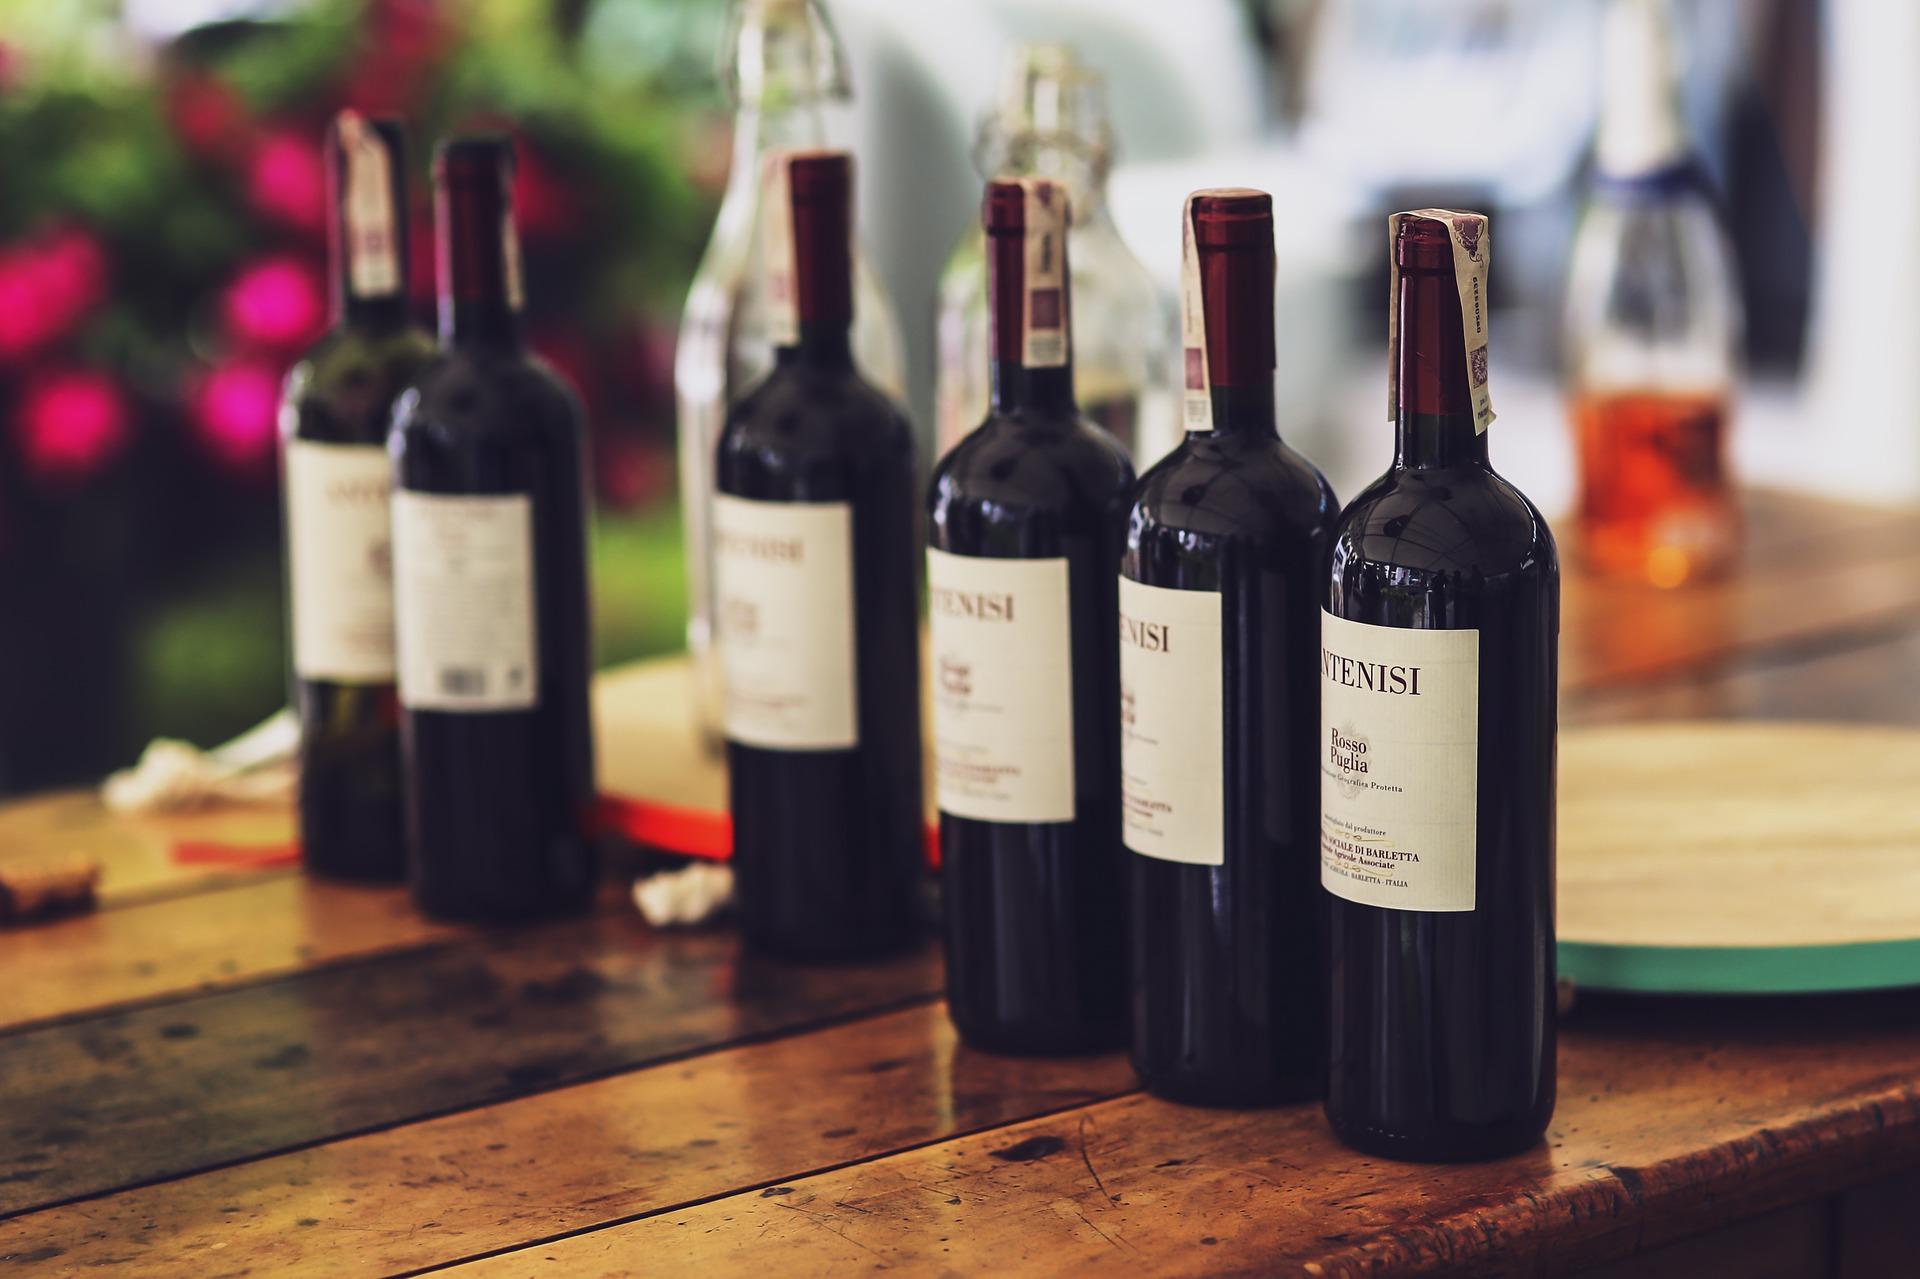 bottle-791699_1920.jpg